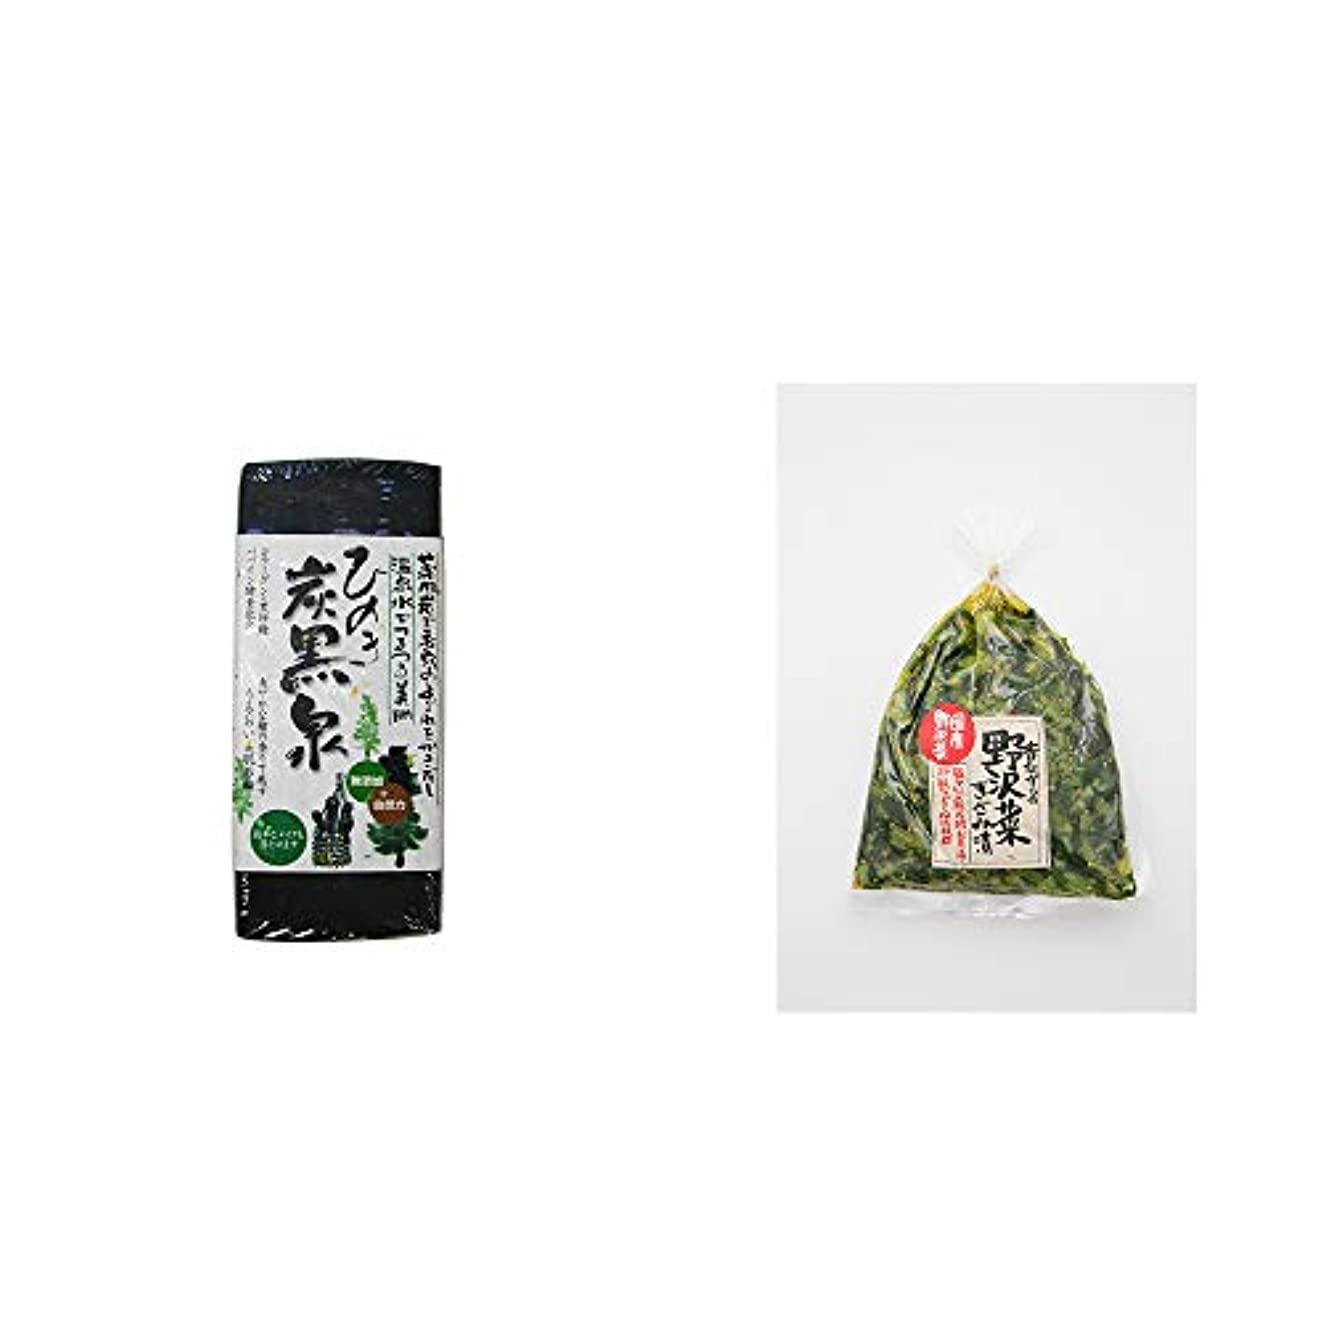 [2点セット] ひのき炭黒泉(75g×2)?国産 昔ながらの野沢菜きざみ漬け(150g)